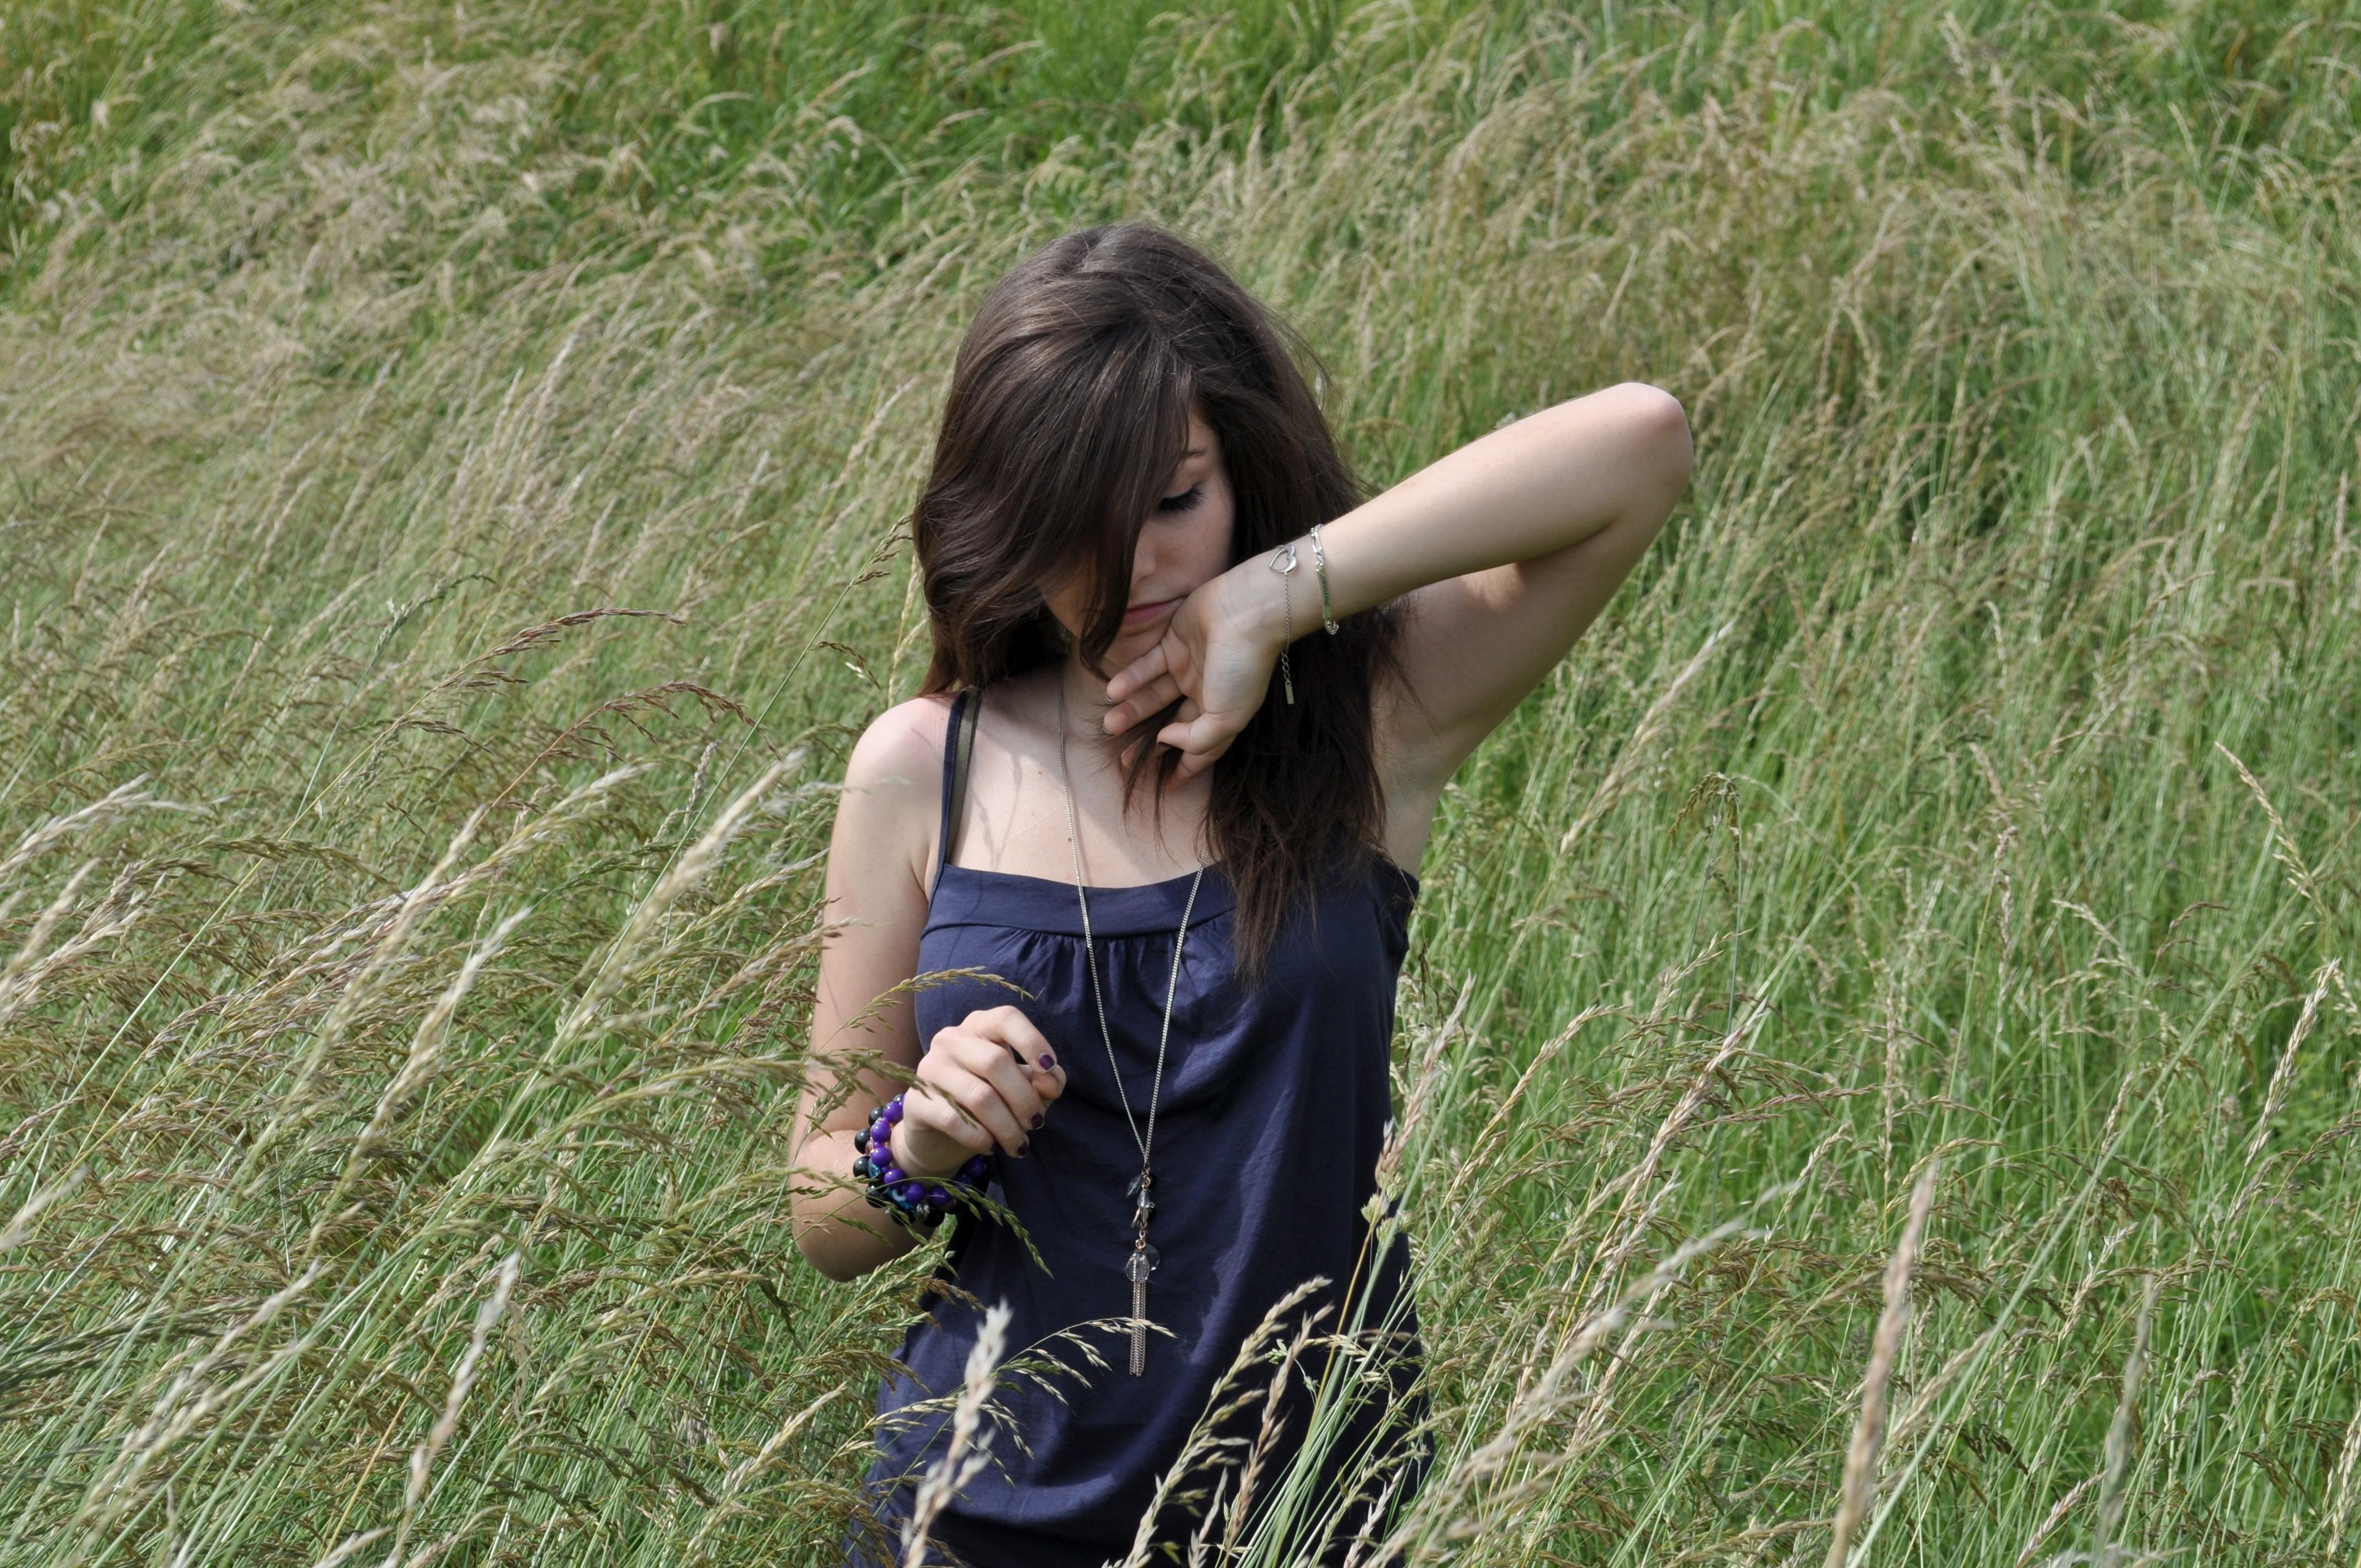 Фото красивой девушки брюнетки из жизни 27 фотография